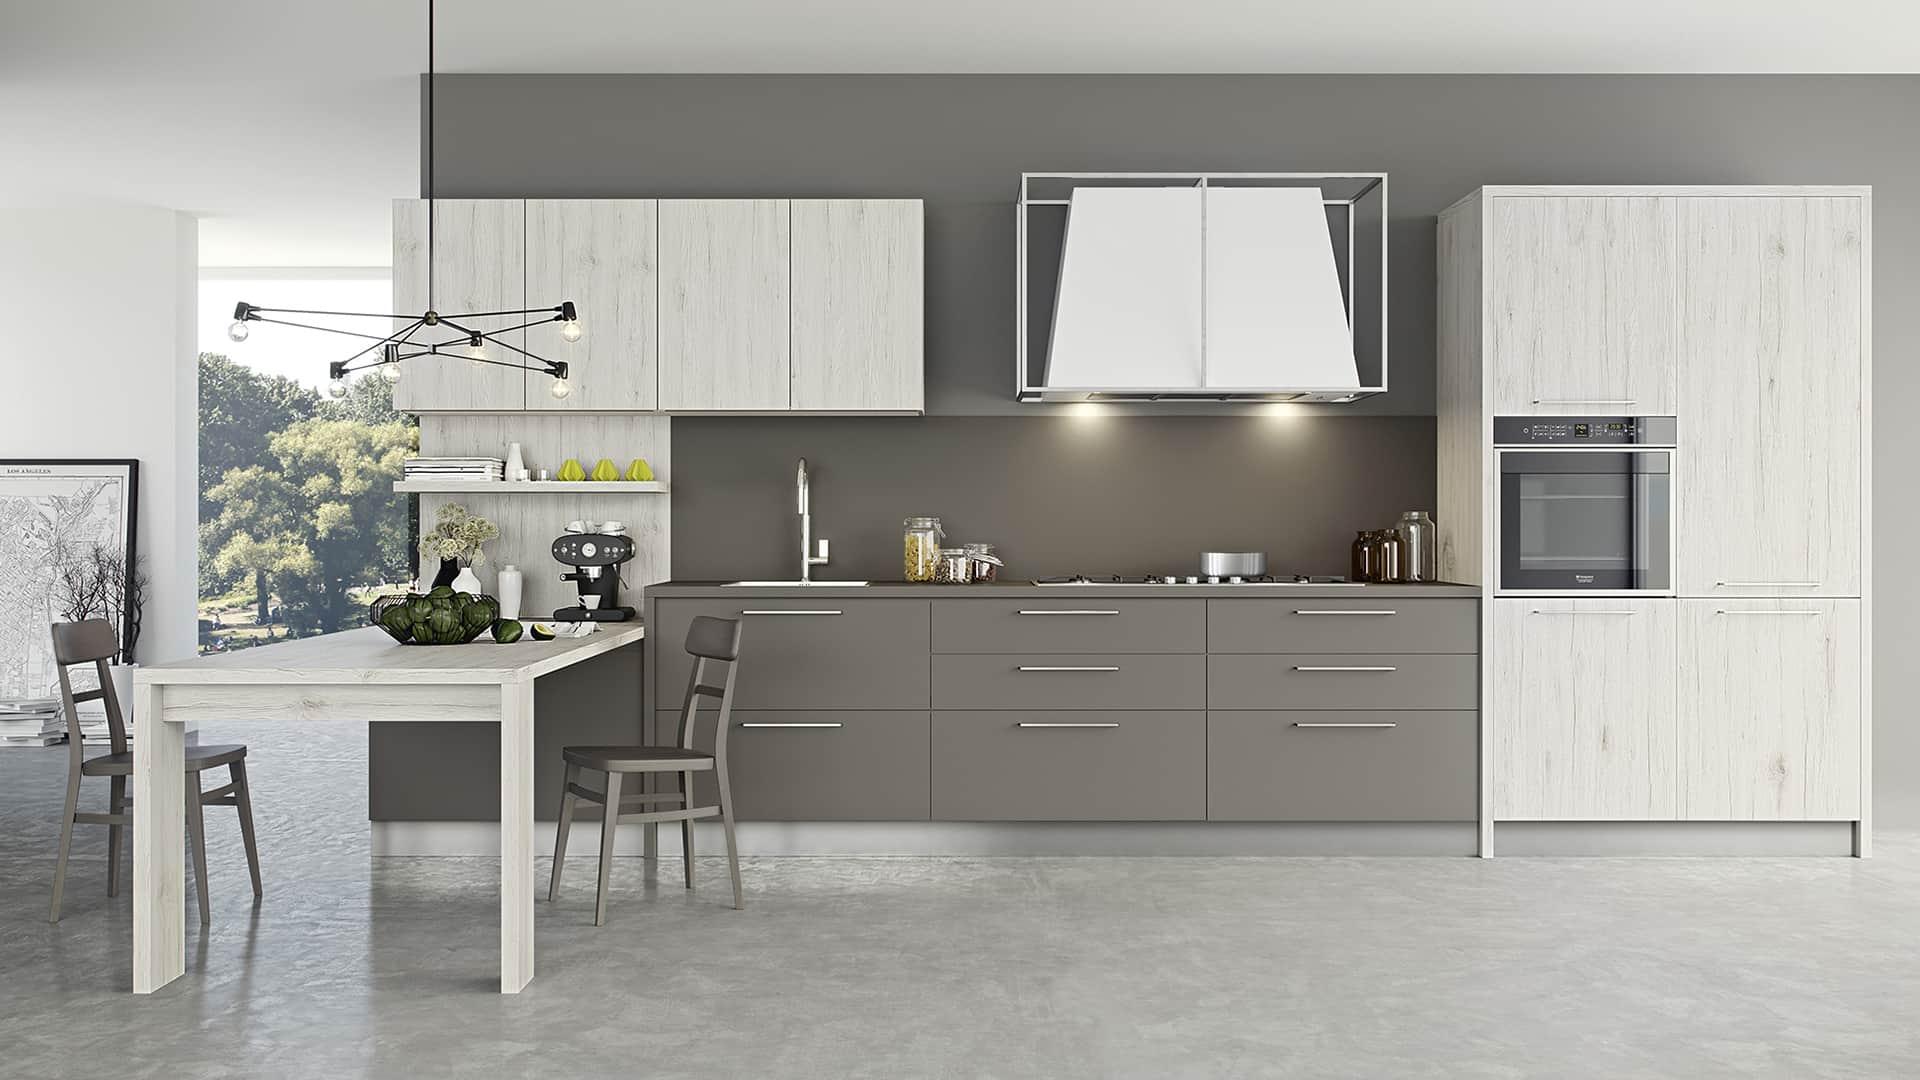 Cucine Moderne Lineari : Cucine lineari moderne padova anche in offerta